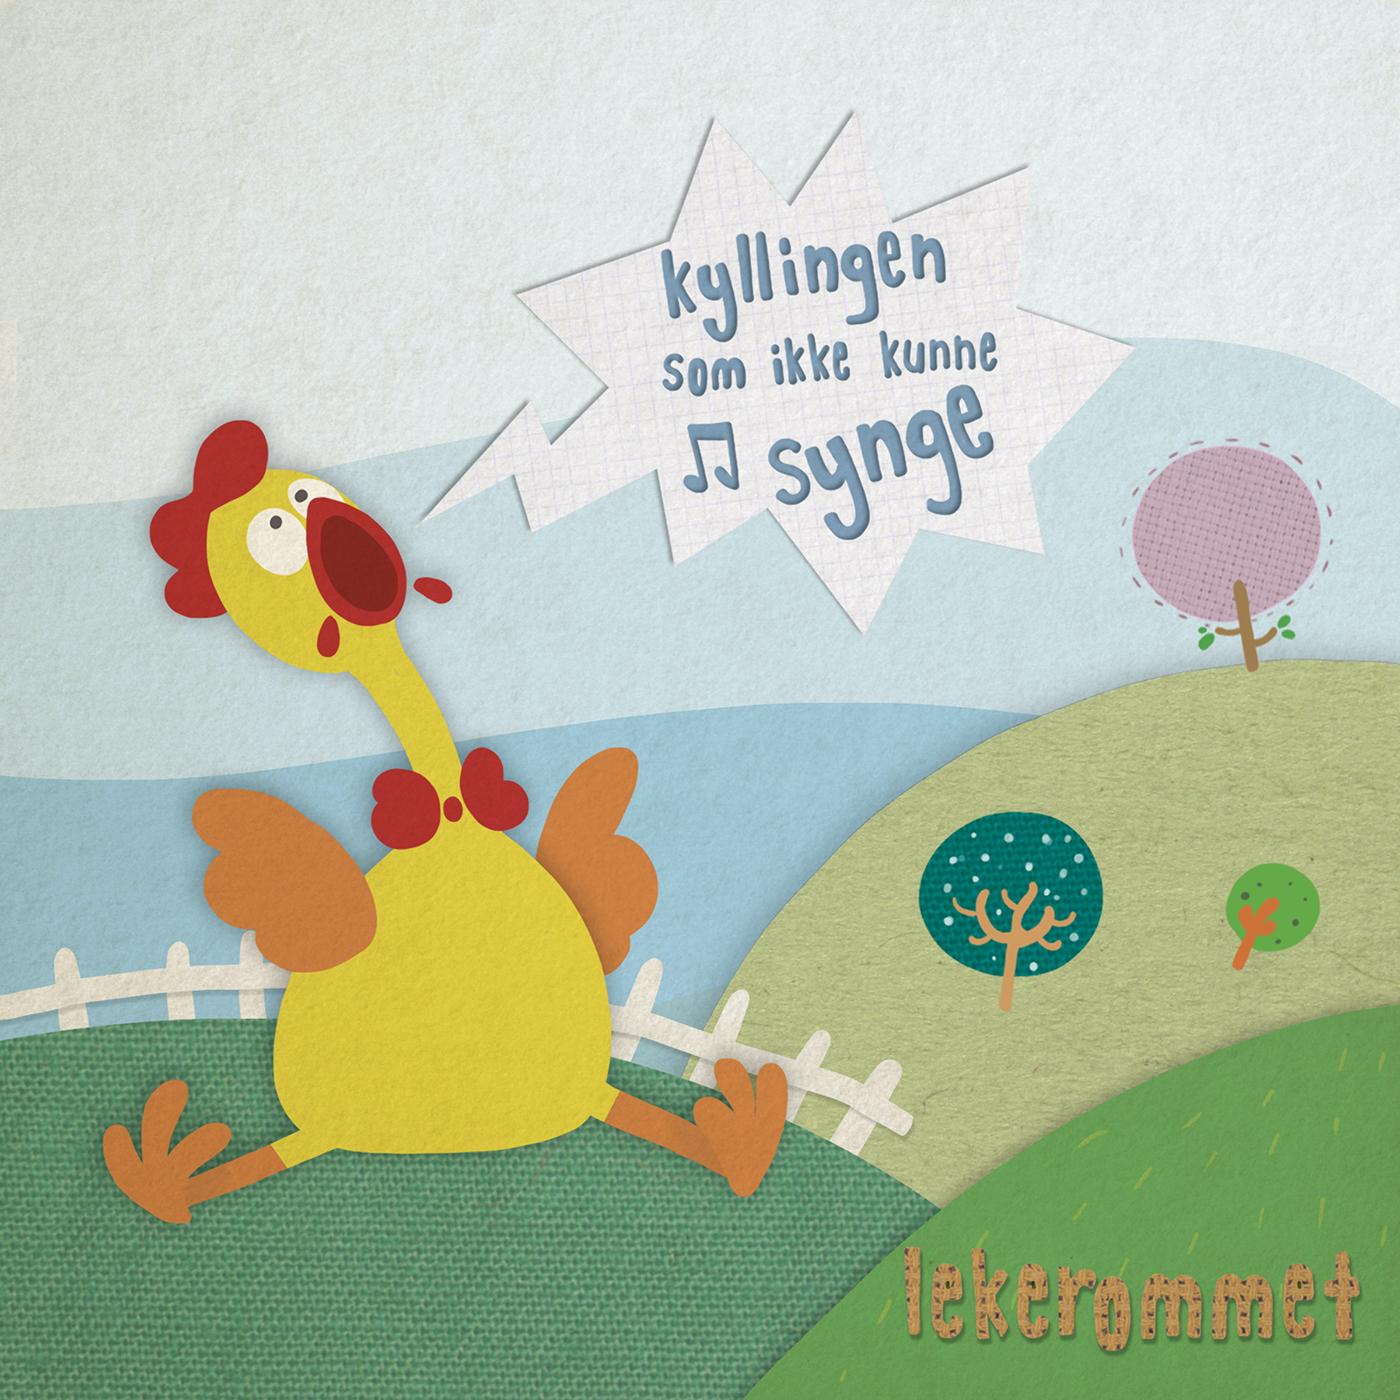 Kyllingen-som-ikke-kunne-synge-1400x1400 cover.jpg